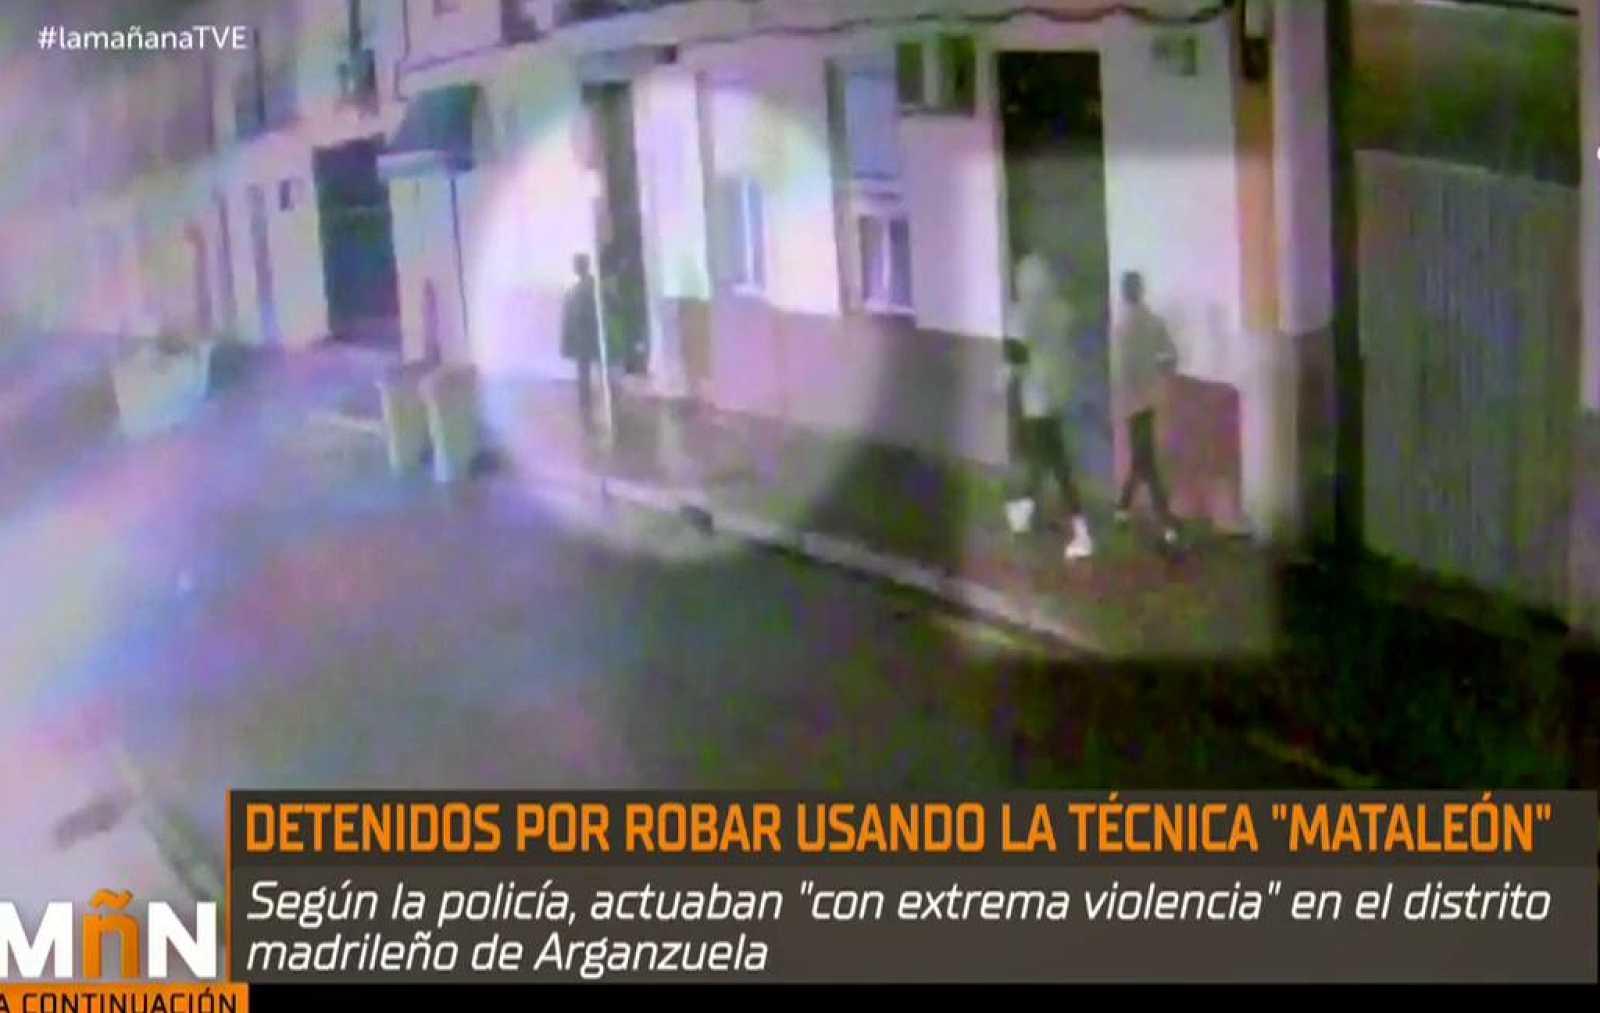 """La Mañana - Detenidos por agredir a unas víctimas con la técnica """"mataleón"""""""